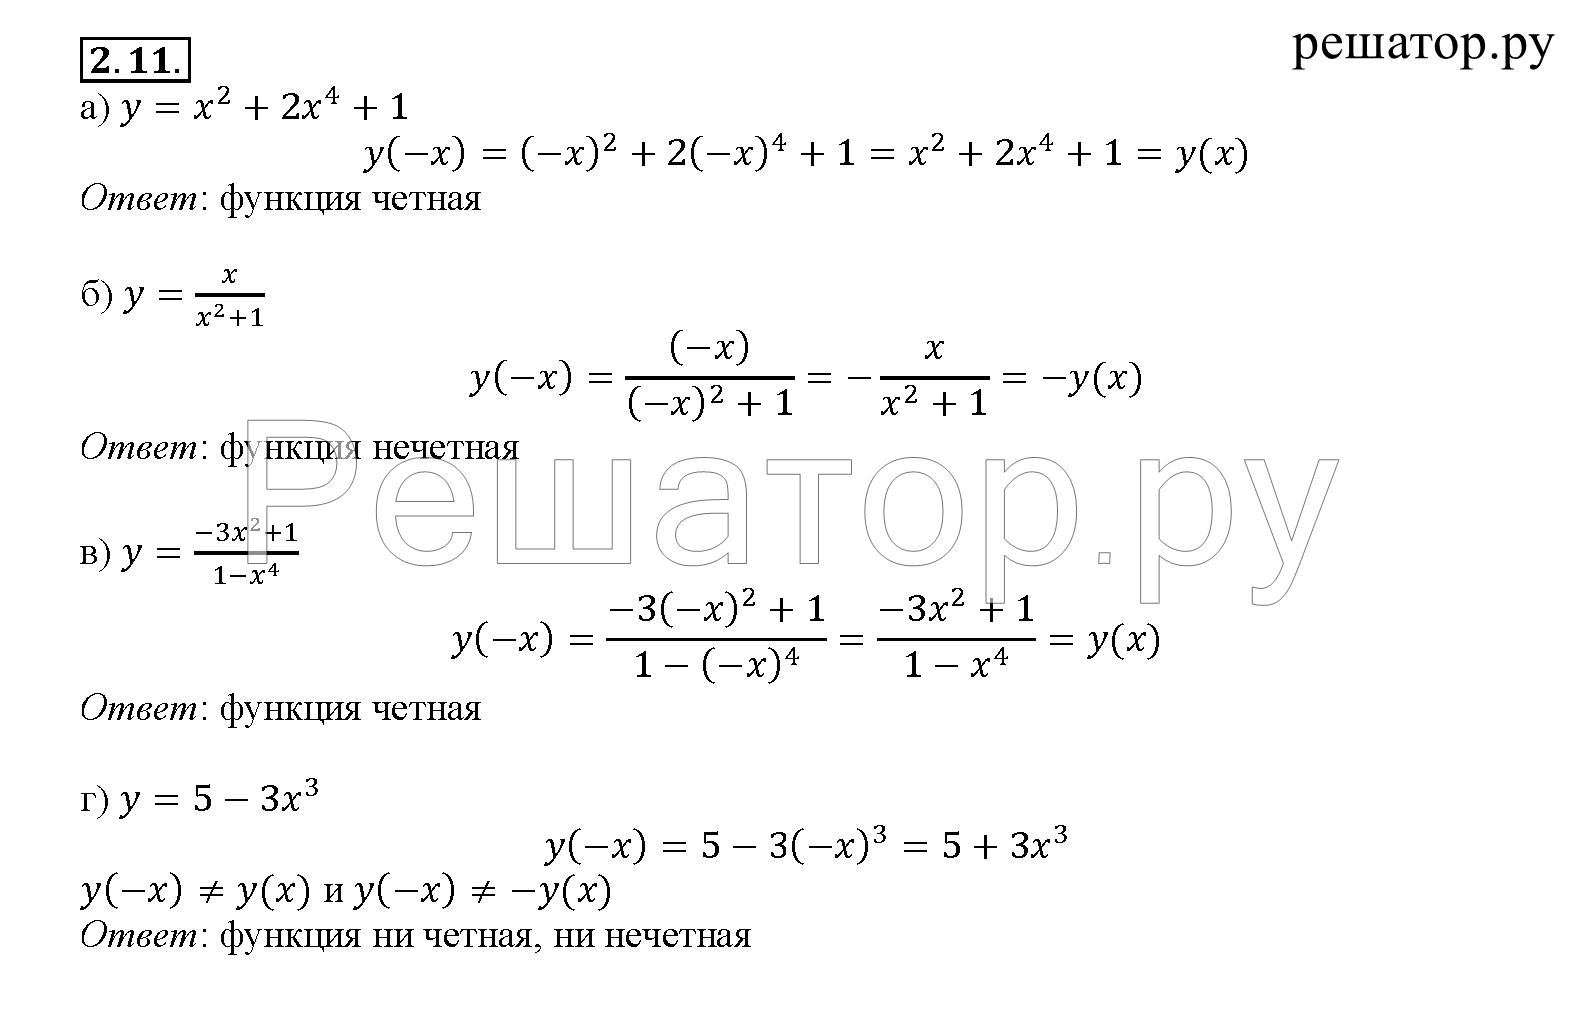 Онлайн гдз по алгебре мордкович. мишустина клас сонлайн